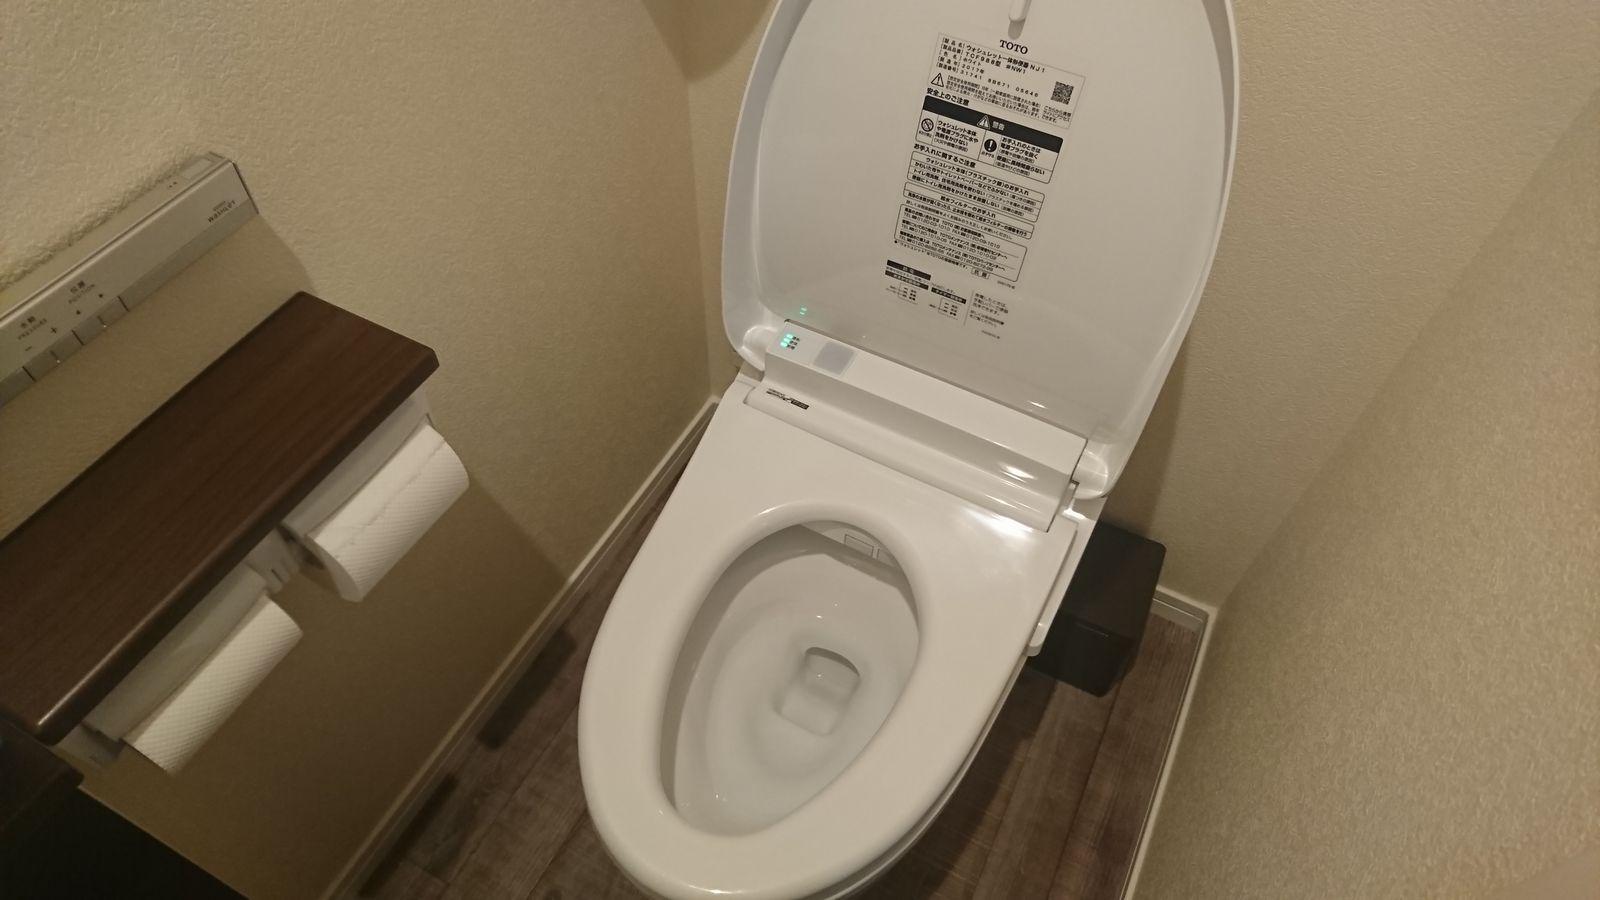 後悔 タンク レス トイレ